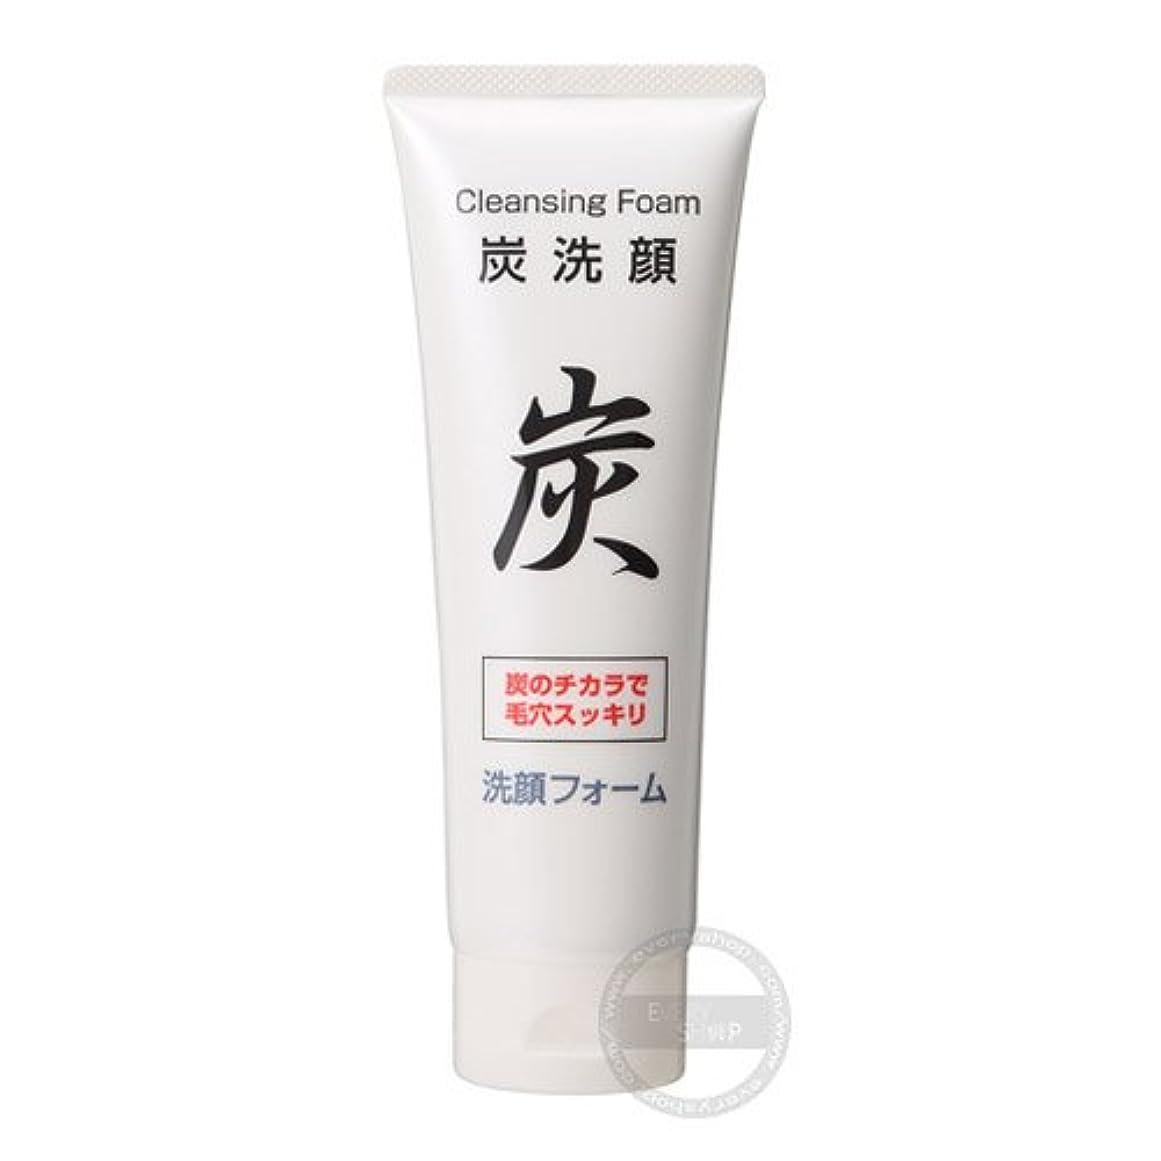 ガラガラスピン優雅な炭洗顔 洗顔フォーム‐KH544725